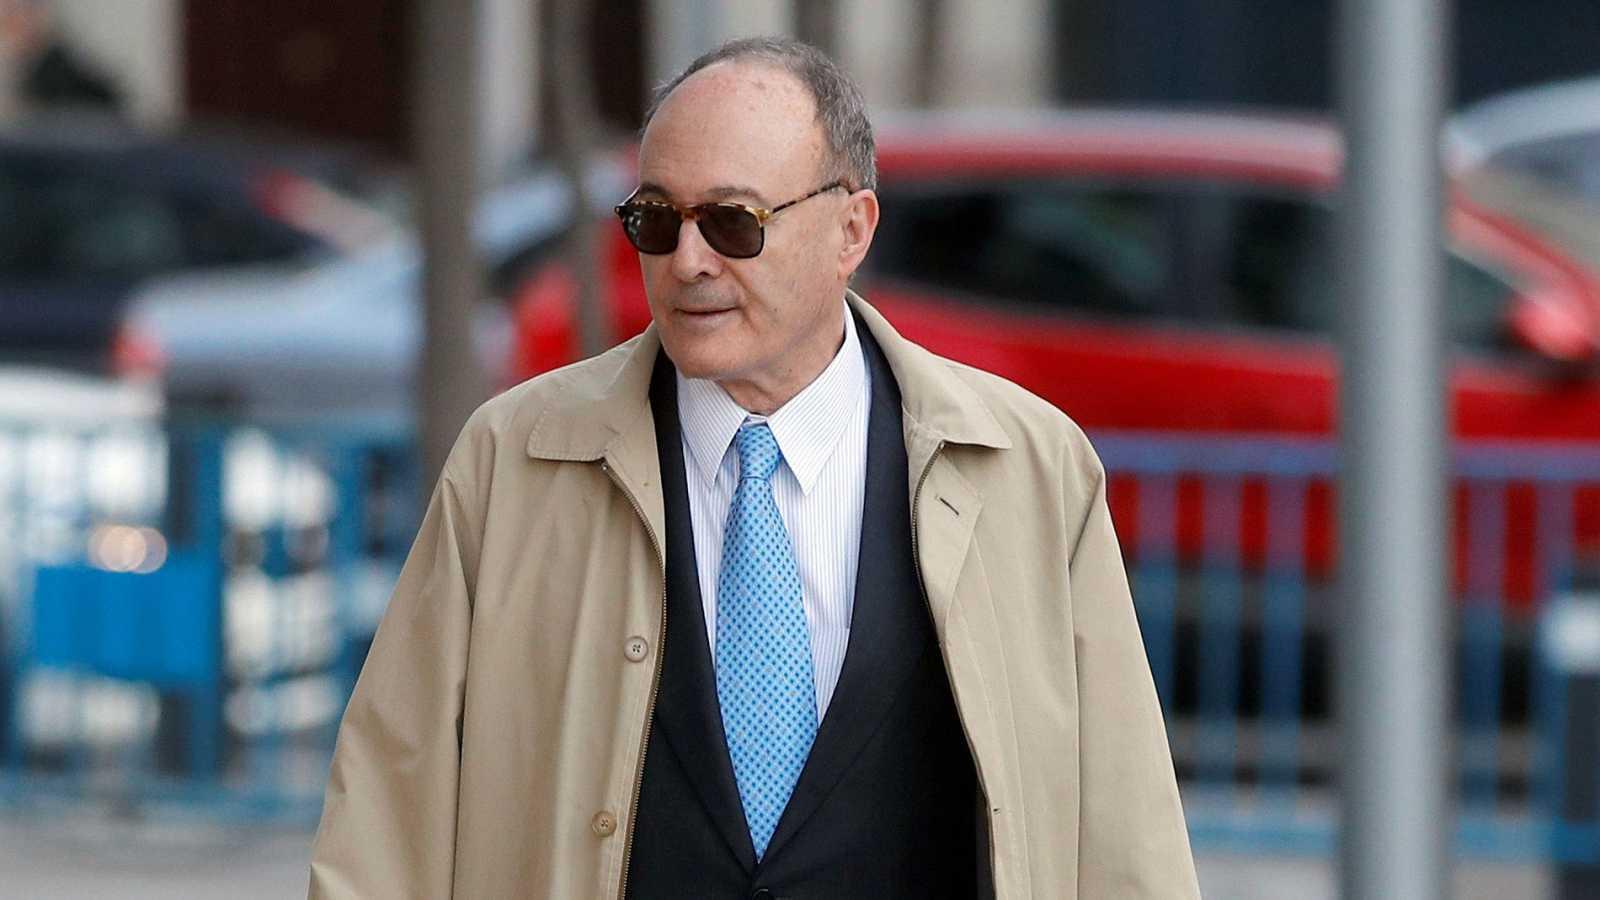 El exgobernador del Banco de España Luis María Linde a su llegada este miércoles a la Audiencia Nacional para testificar en la causa sobre la resolución del Banco Popular